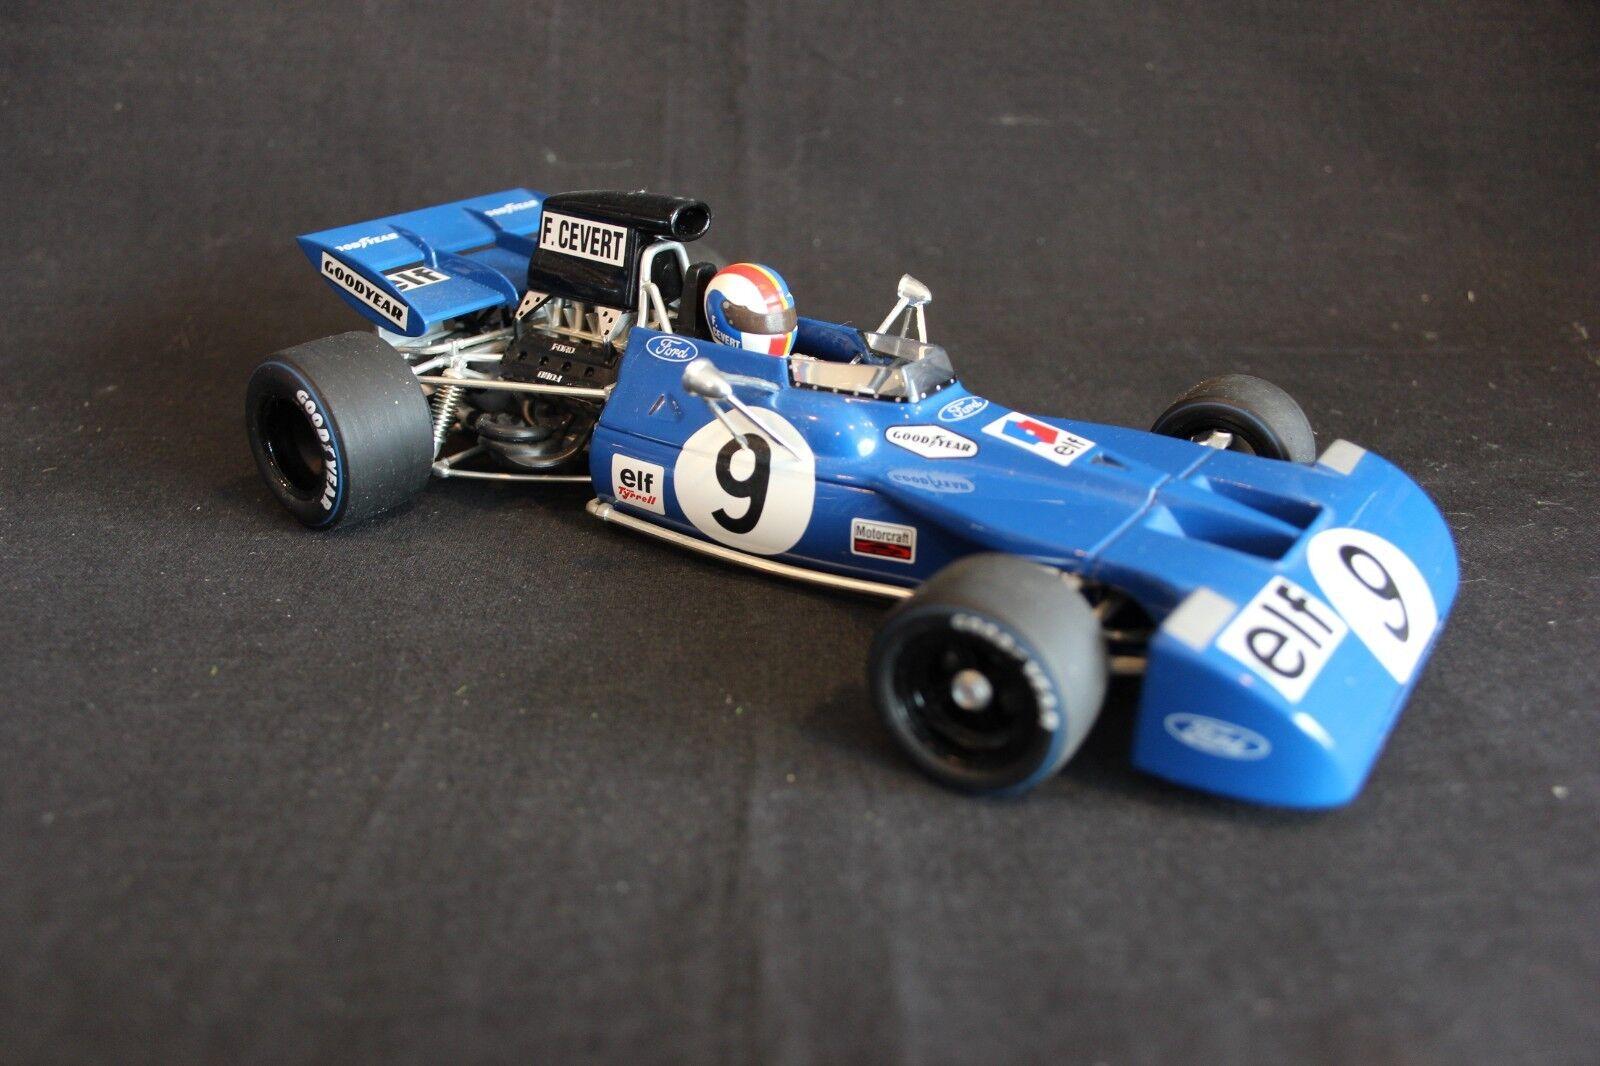 Minichamps Tyrrell Ford 003  1971 1 18  9 François Cevert (FRA) (AK)  juste l'acheter